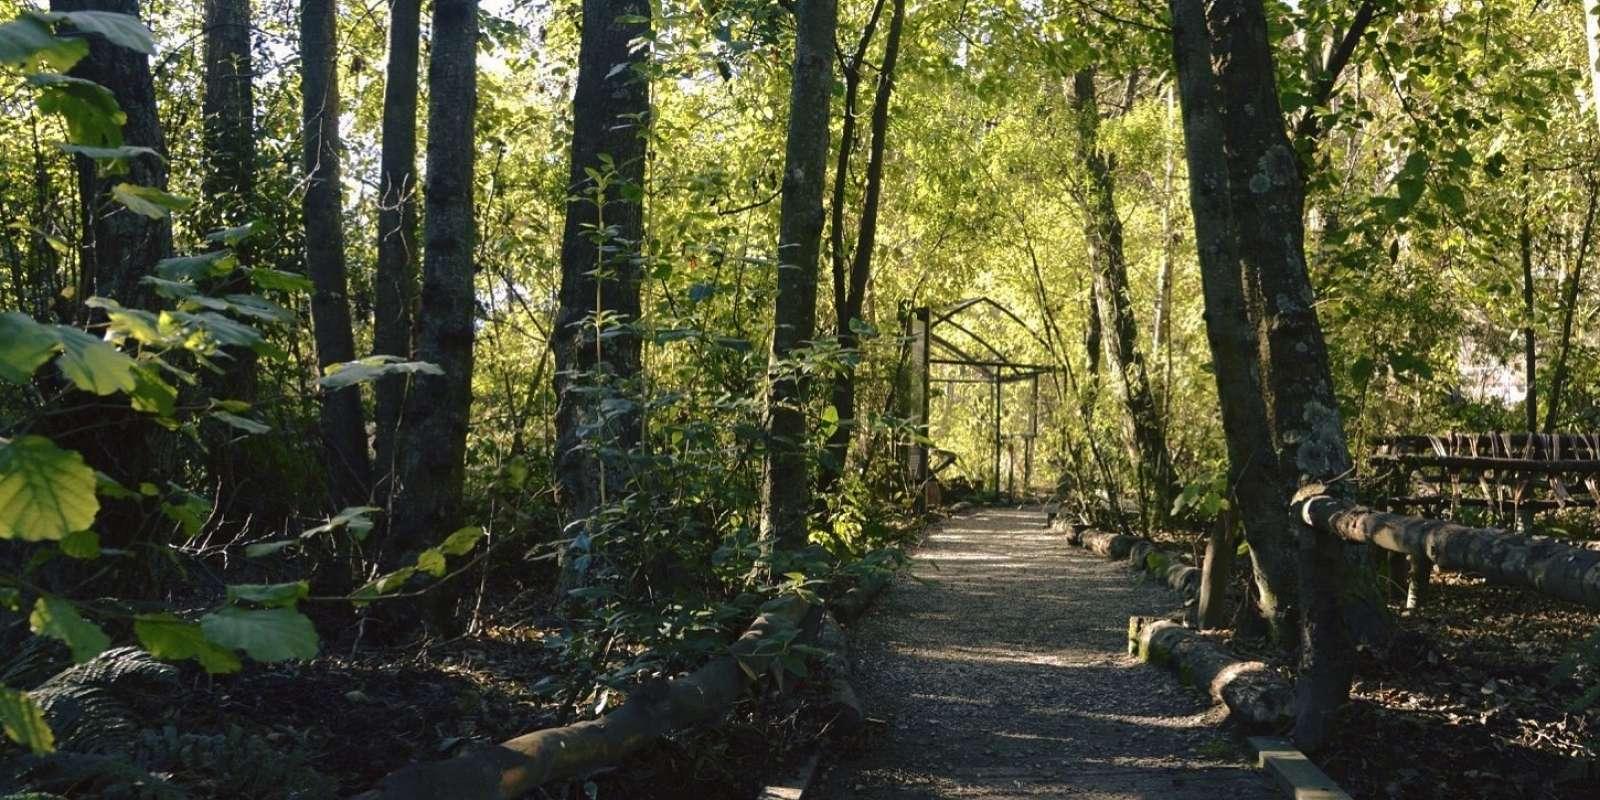 Aviary and native trees at the Kiwi Birdlife Park